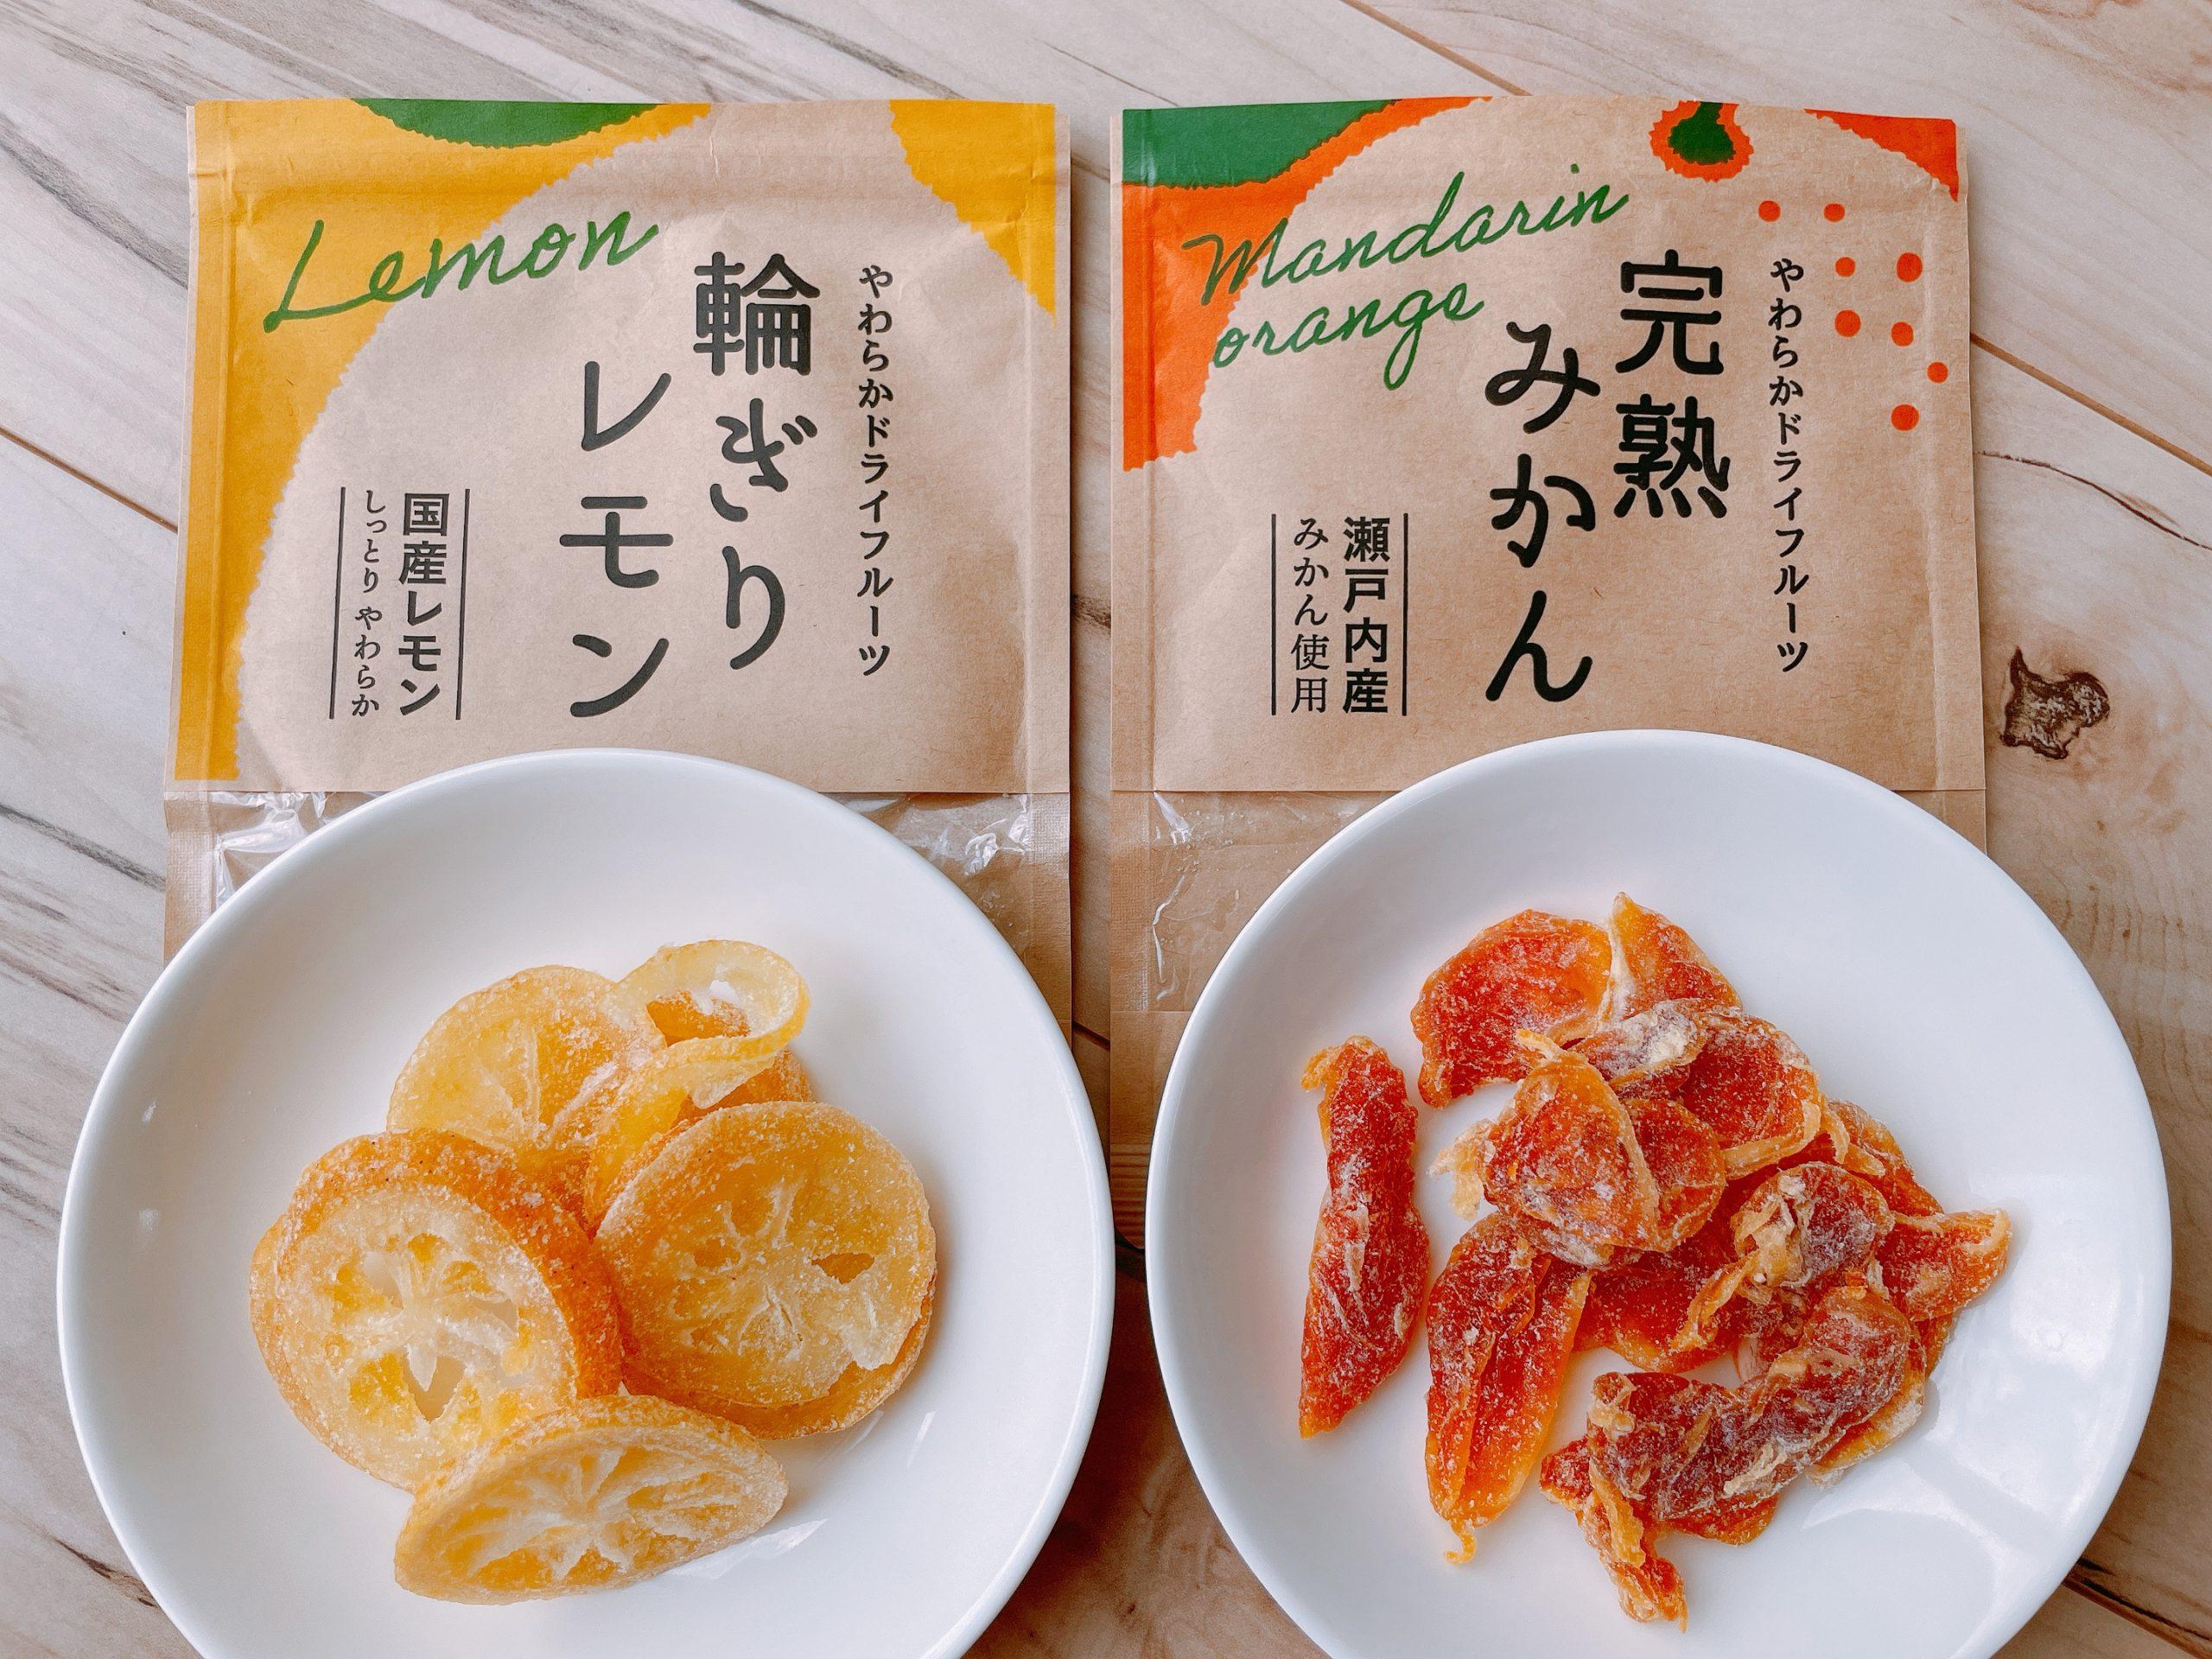 南信州菓子工房の輪切りレモンと完熟みかんは、同じ柑橘類なので違和感ありません